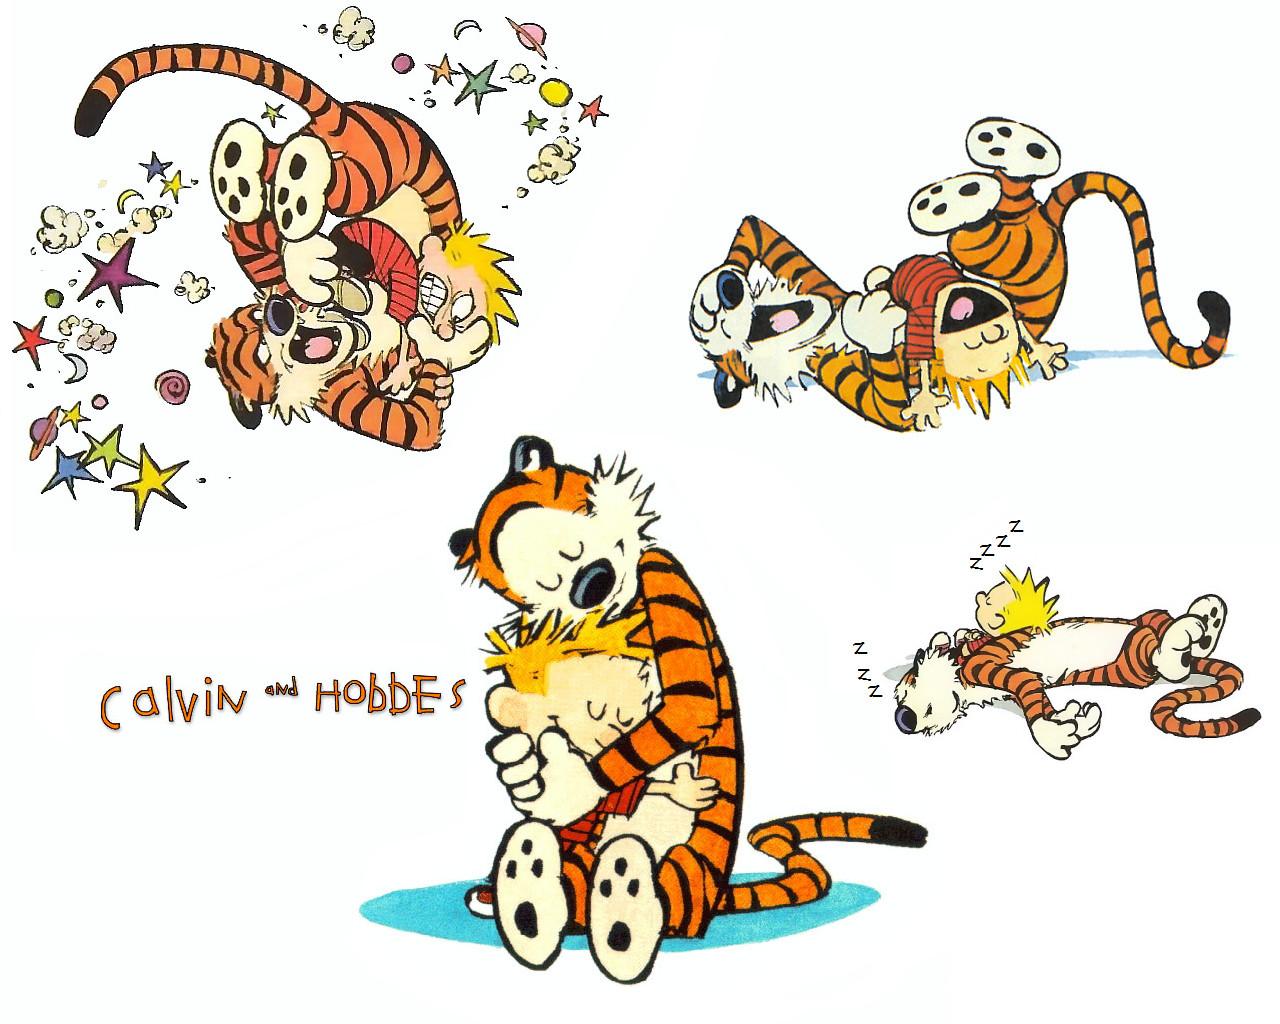 High Resolution Wallpaper | Calvin & Hobbes 1280x1024 px